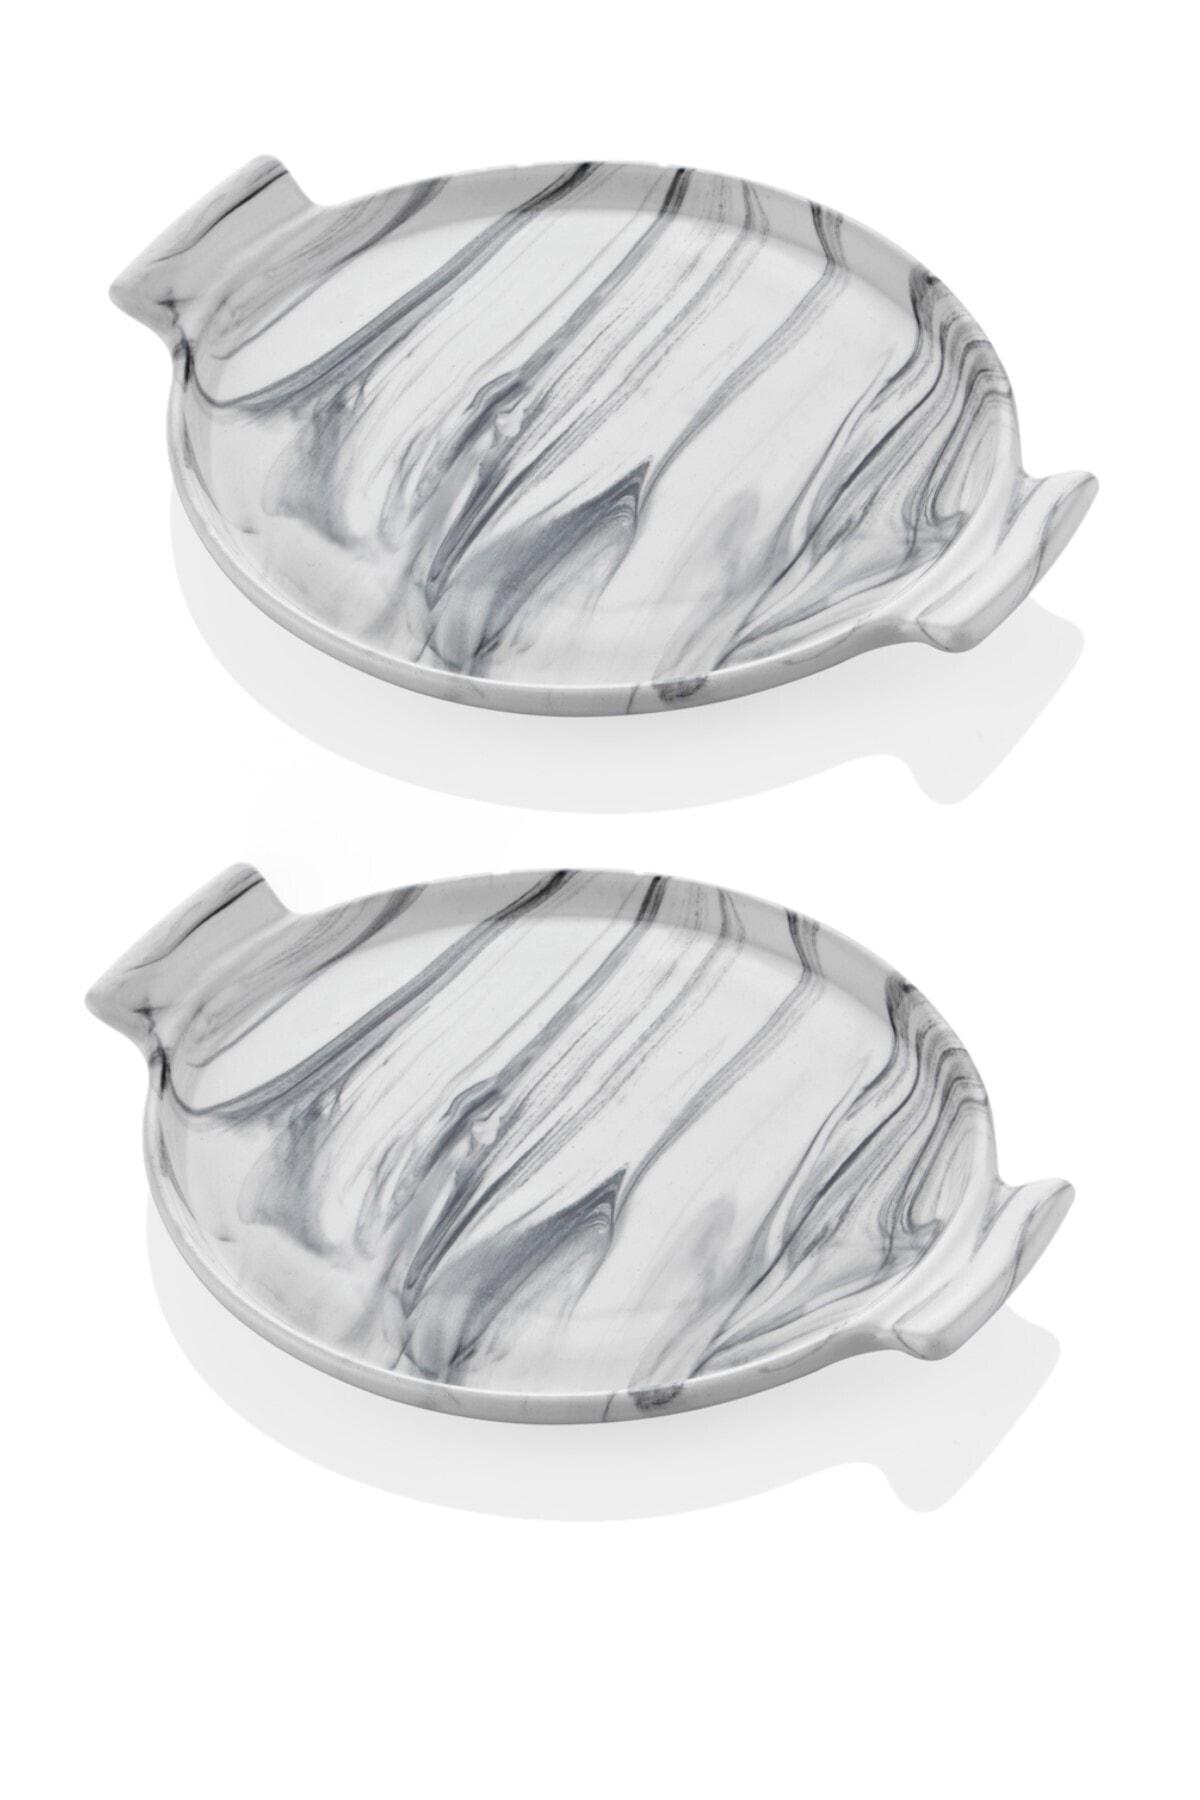 SETABIANCA Mermer Görünümlü 2li Pasta Sunum Tabağı 21 Cm 1